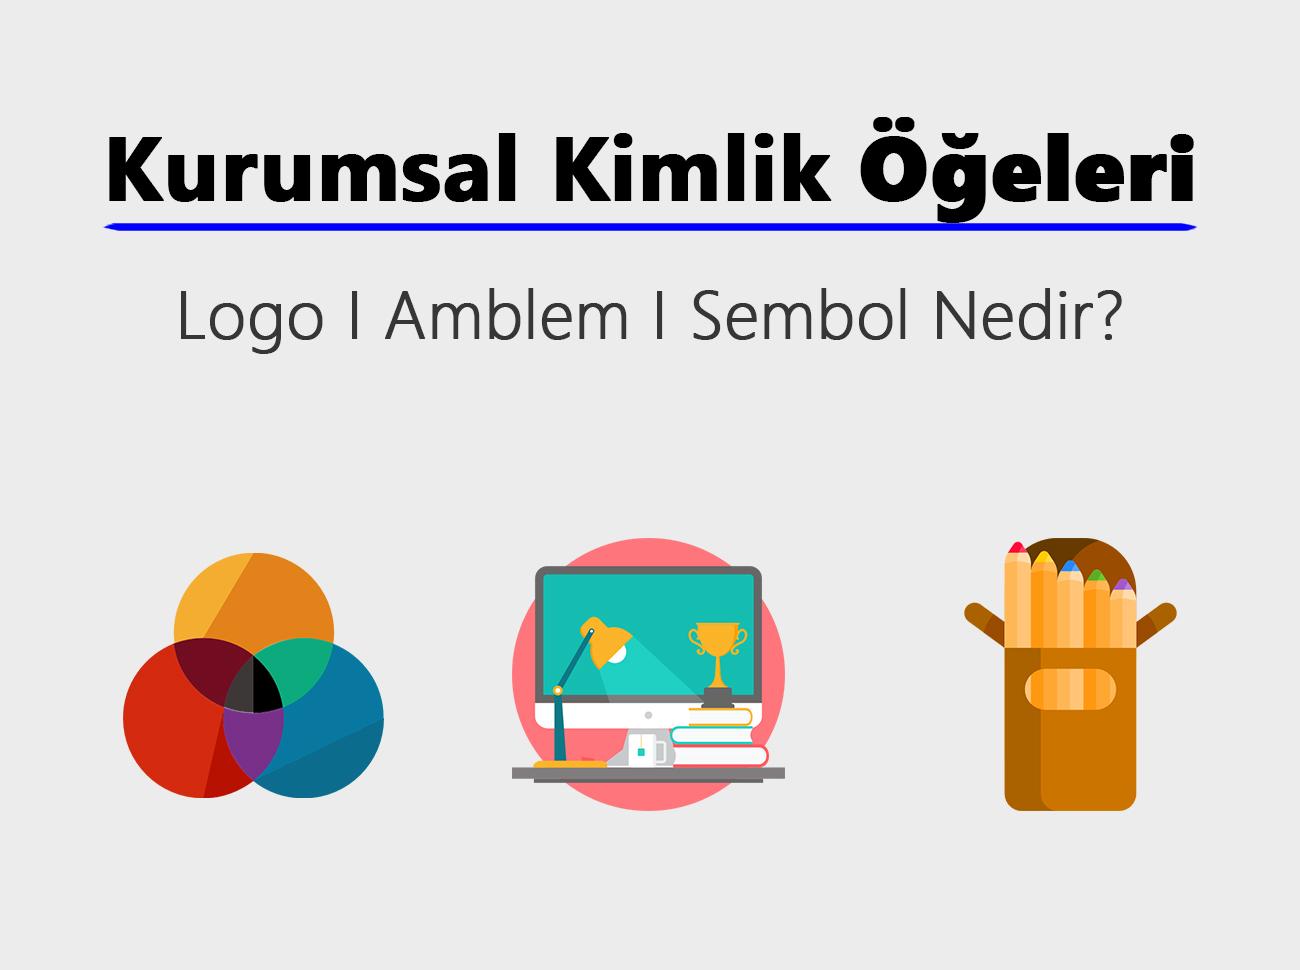 Logo, Amblem, Sembol Nedir? Farkları Nelerdir?